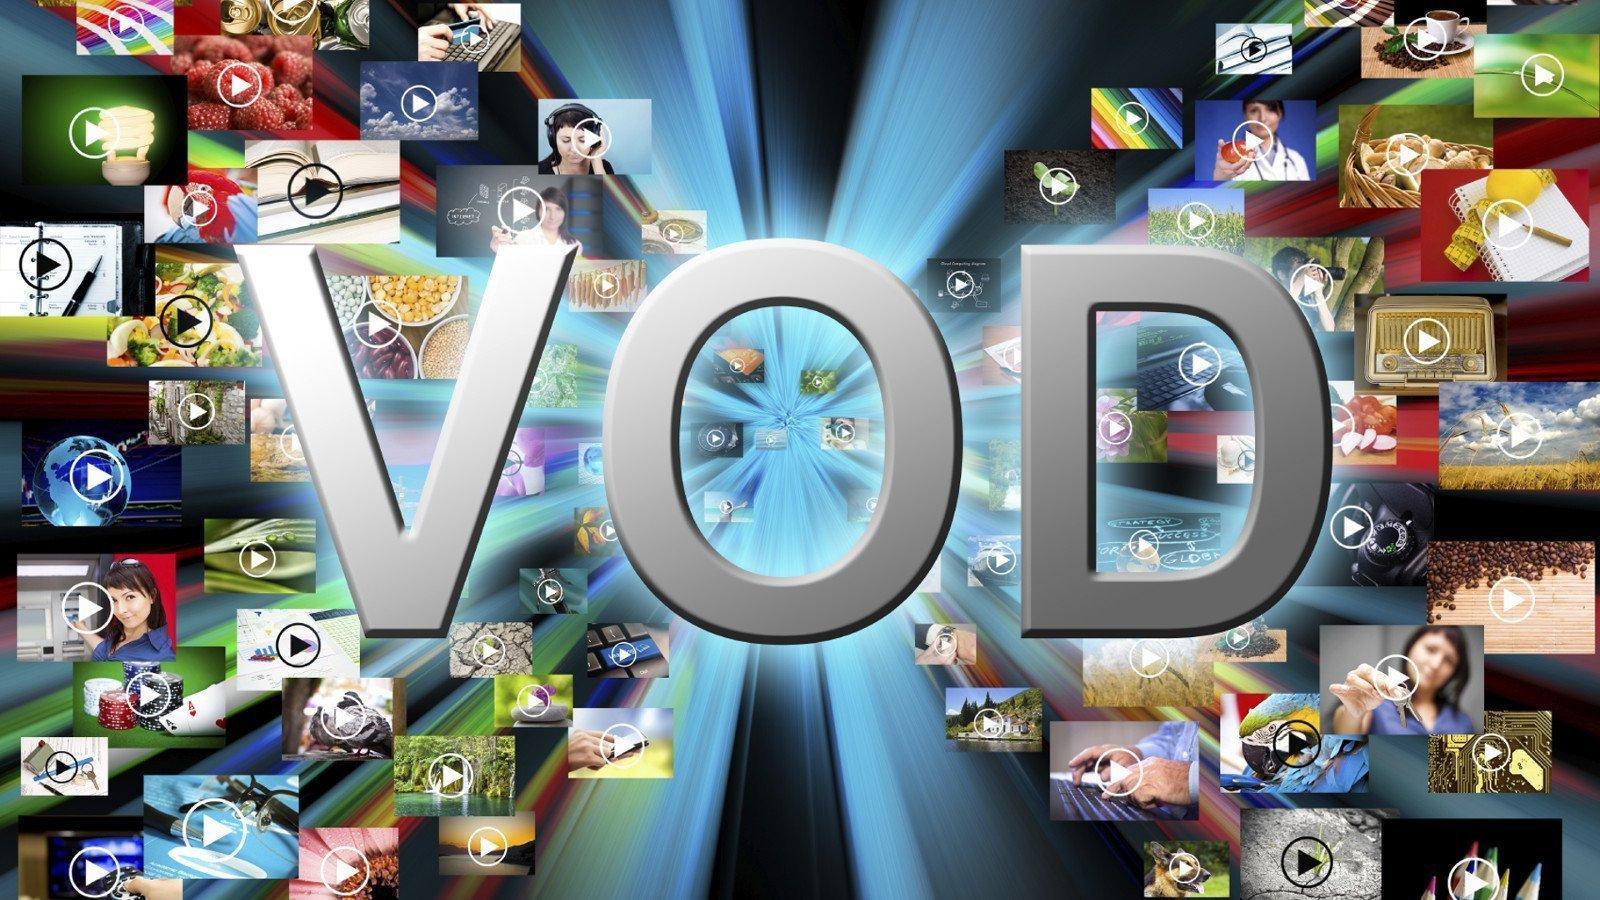 VOD advertising een lastige kwestie